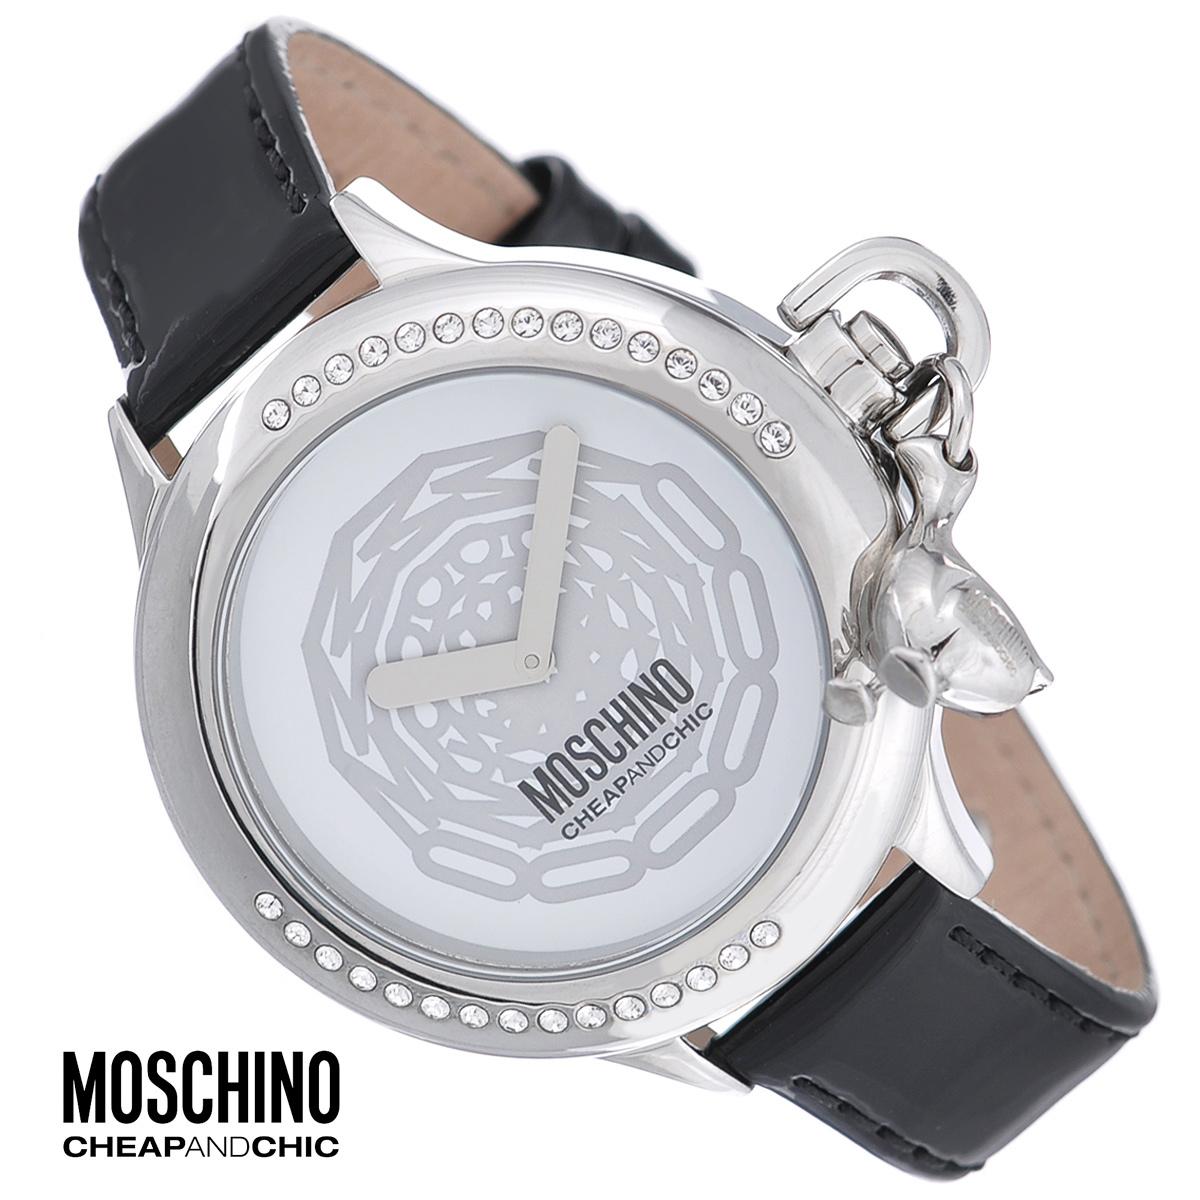 Часы женские наручные Moschino, цвет: серебристый, черный. MW0046MW0046Наручные часы от известного итальянского бренда Moschino - это не только стильный и функциональный аксессуар, но и современные технологи, сочетающиеся с экстравагантным дизайном и индивидуальностью. Часы Moschino оснащены кварцевым механизмом. Корпус круглой формы выполнен из высококачественной нержавеющей стали и инкрустирован кристаллами. Часы декорированы очаровательной подвеской. Циферблат без отметок оформлен оригинальным принтом и защищен минеральным стеклом. Часы имеют две стрелки - часовую и минутную. Ремешок часов выполнен из натуральной лаковой кожи и оснащен классической застежкой. Часы упакованы в фирменную металлическую коробку с логотипом бренда. Часы Moschino благодаря своему уникальному дизайну отличаются от часов других марок своеобразными циферблатами, функциональностью, а также набором уникальных технических свойств. Каждой модели присуща легкая экстравагантность, самобытность и, безусловно, великолепный вкус. ...